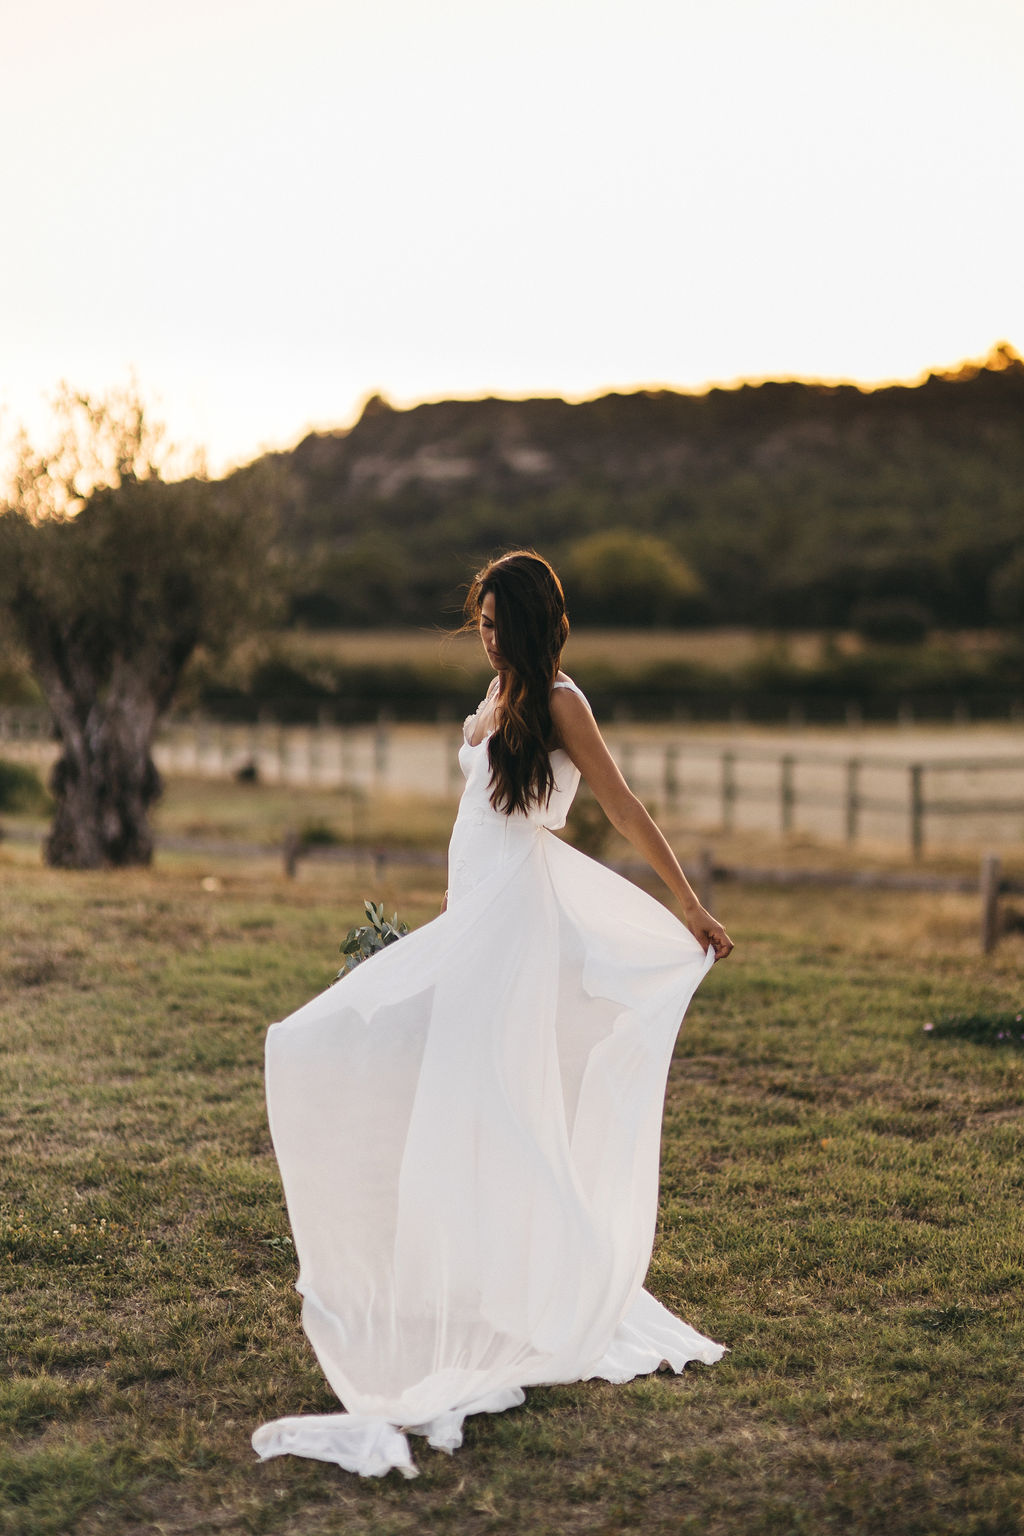 robe de mariée de la marque rime arodaky. Mariage moderne et simple au domaine de Patras. Empreinte Ephémère wedding planner Provence, paris et normandie